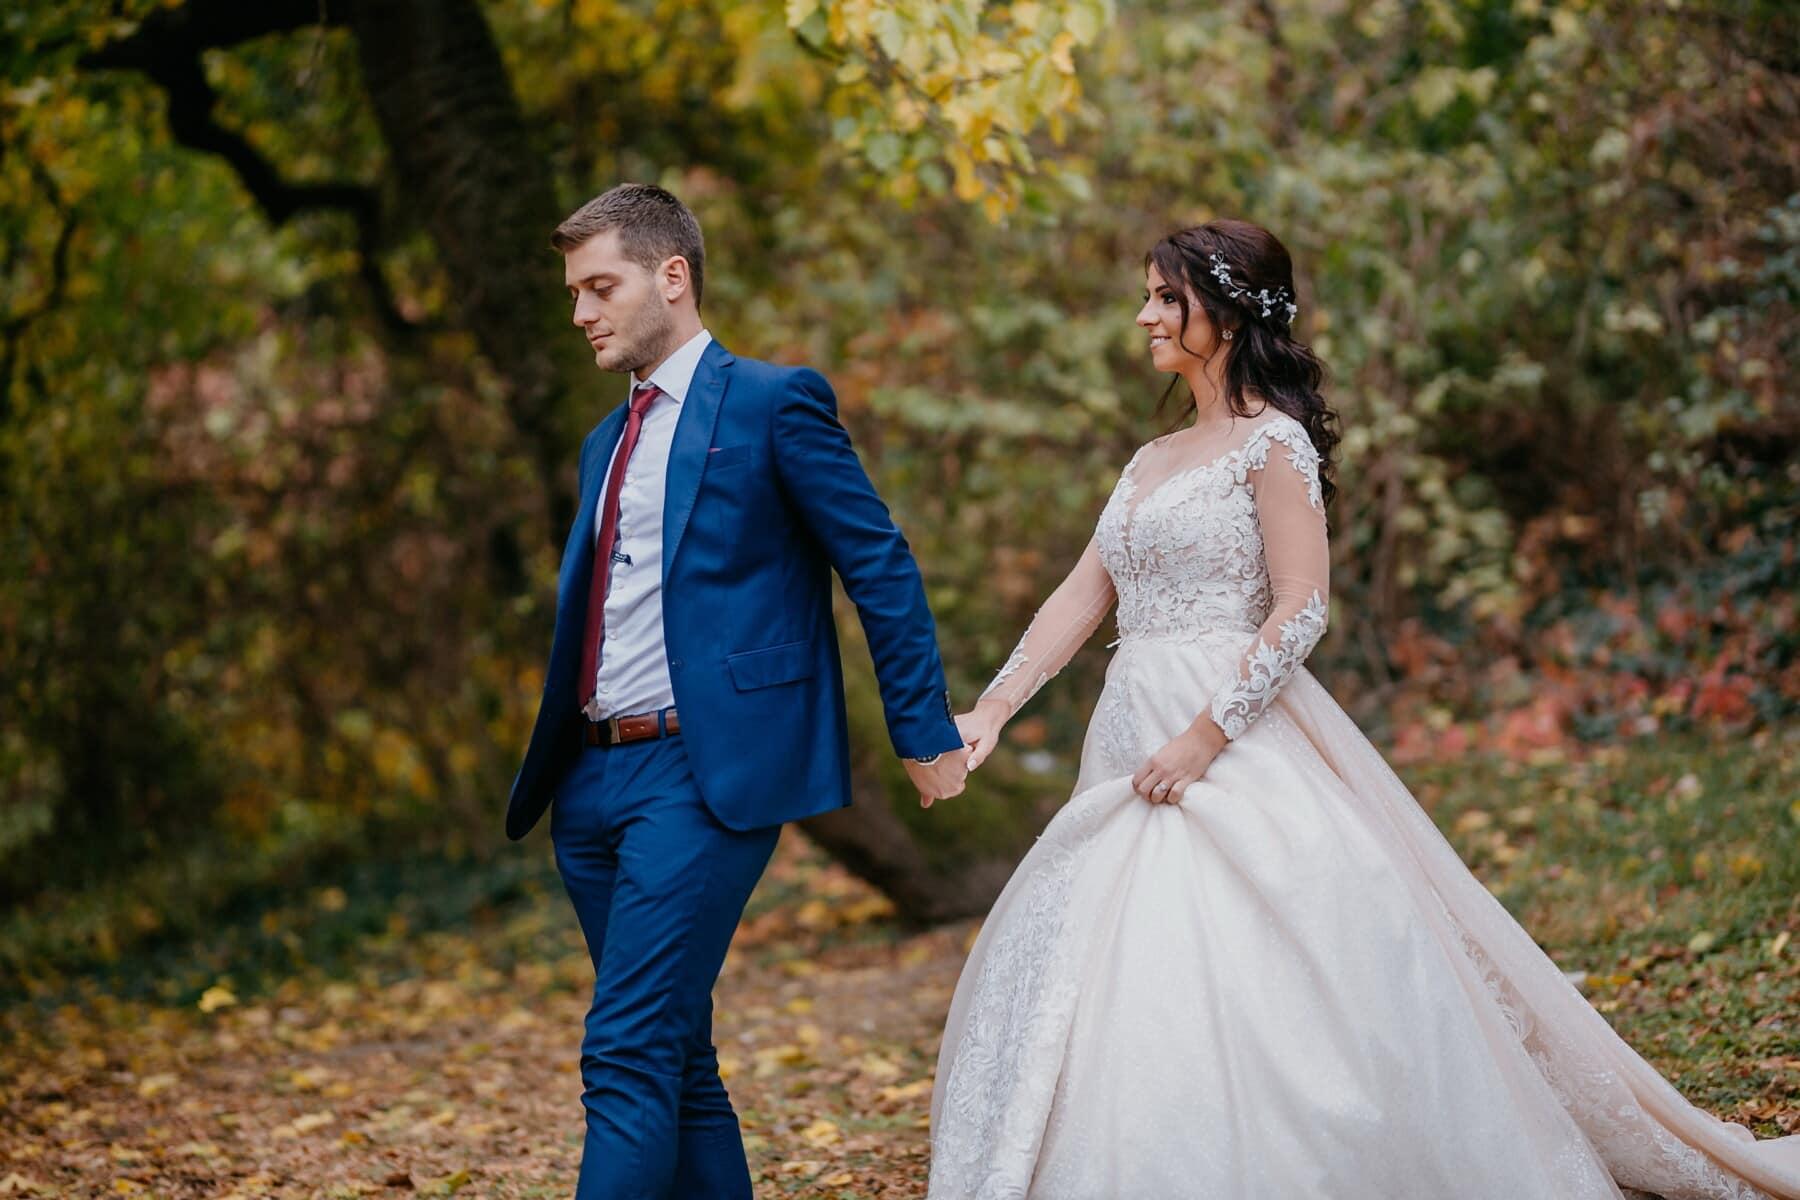 magnifique, princesse, la mariée, Beau, jeune marié, nature, marche, sentier de la forêt, mariage, marié